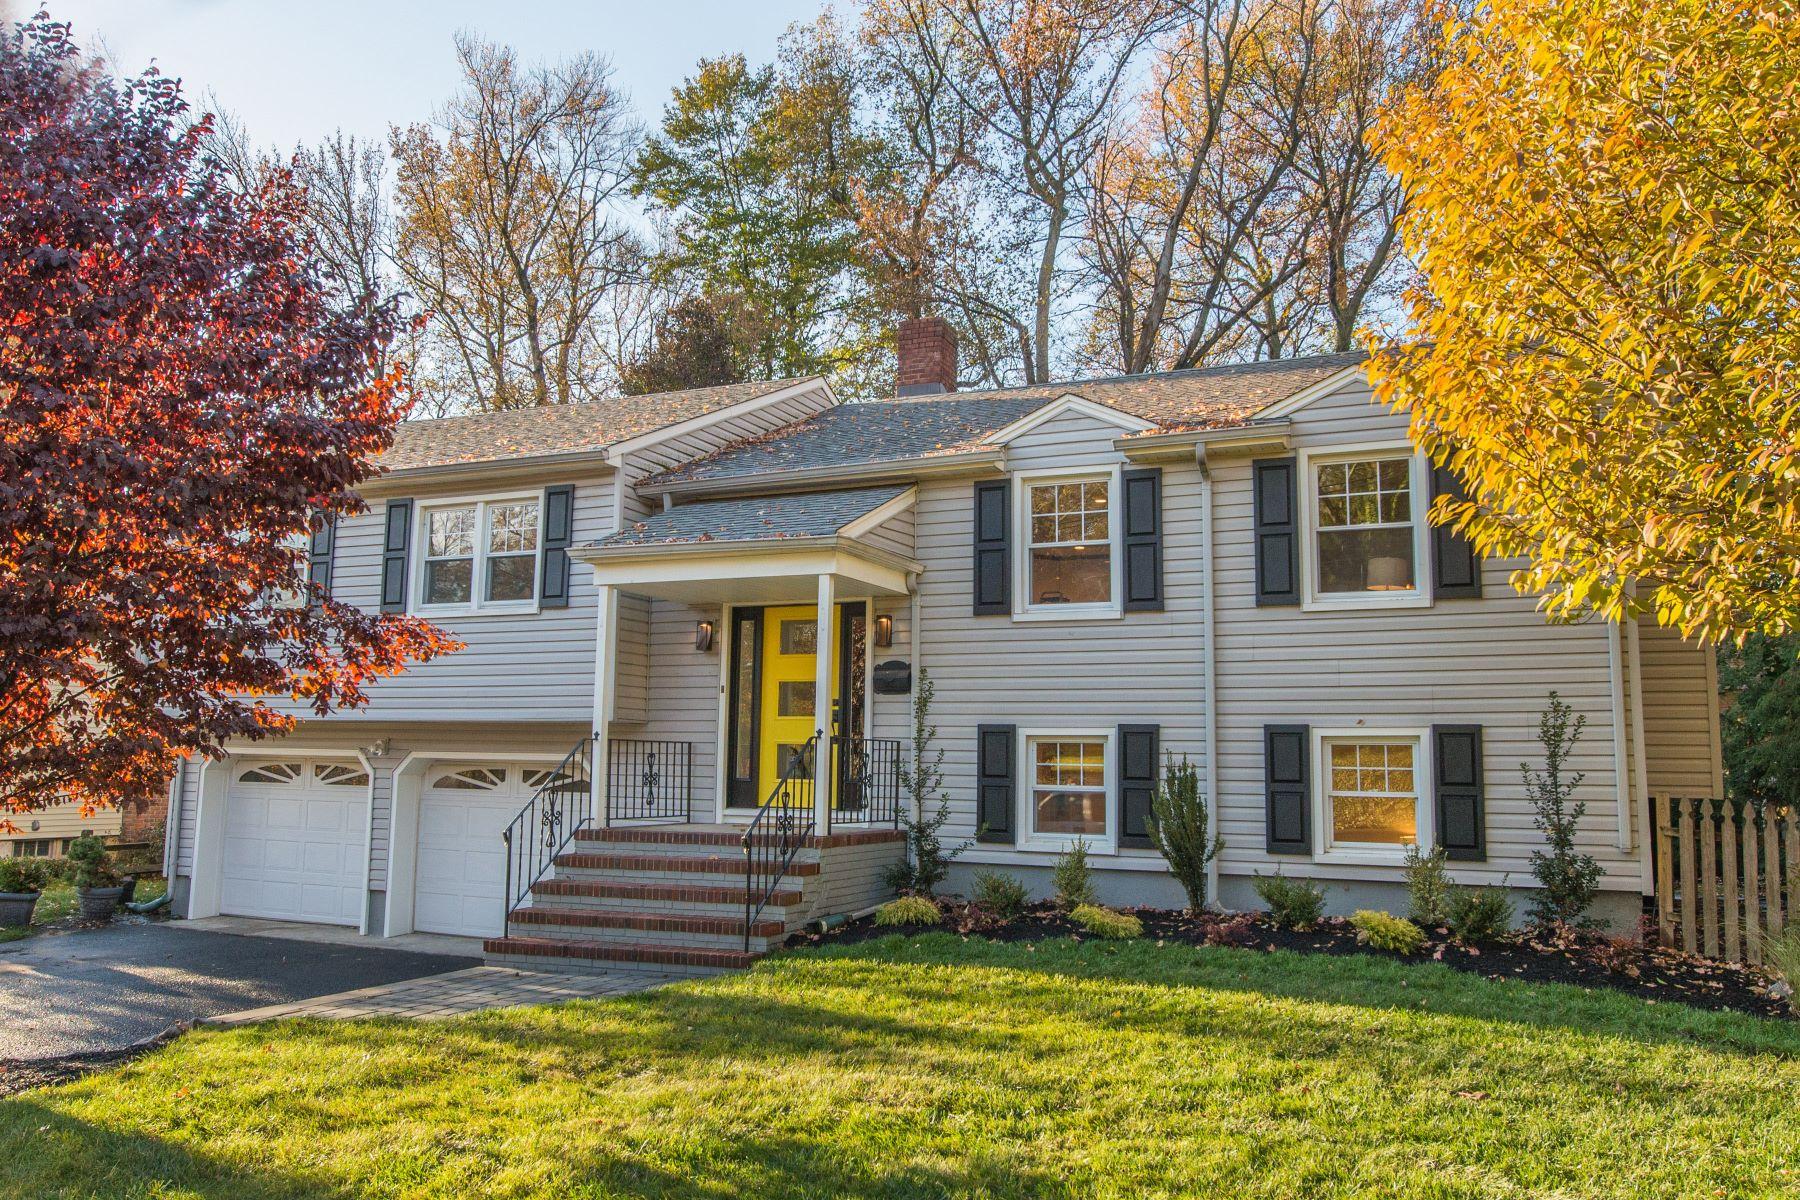 Частный односемейный дом для того Продажа на Mid-Century Modern Home 612 Willow Grove Road, Westfield, Нью-Джерси, 07090 Соединенные Штаты